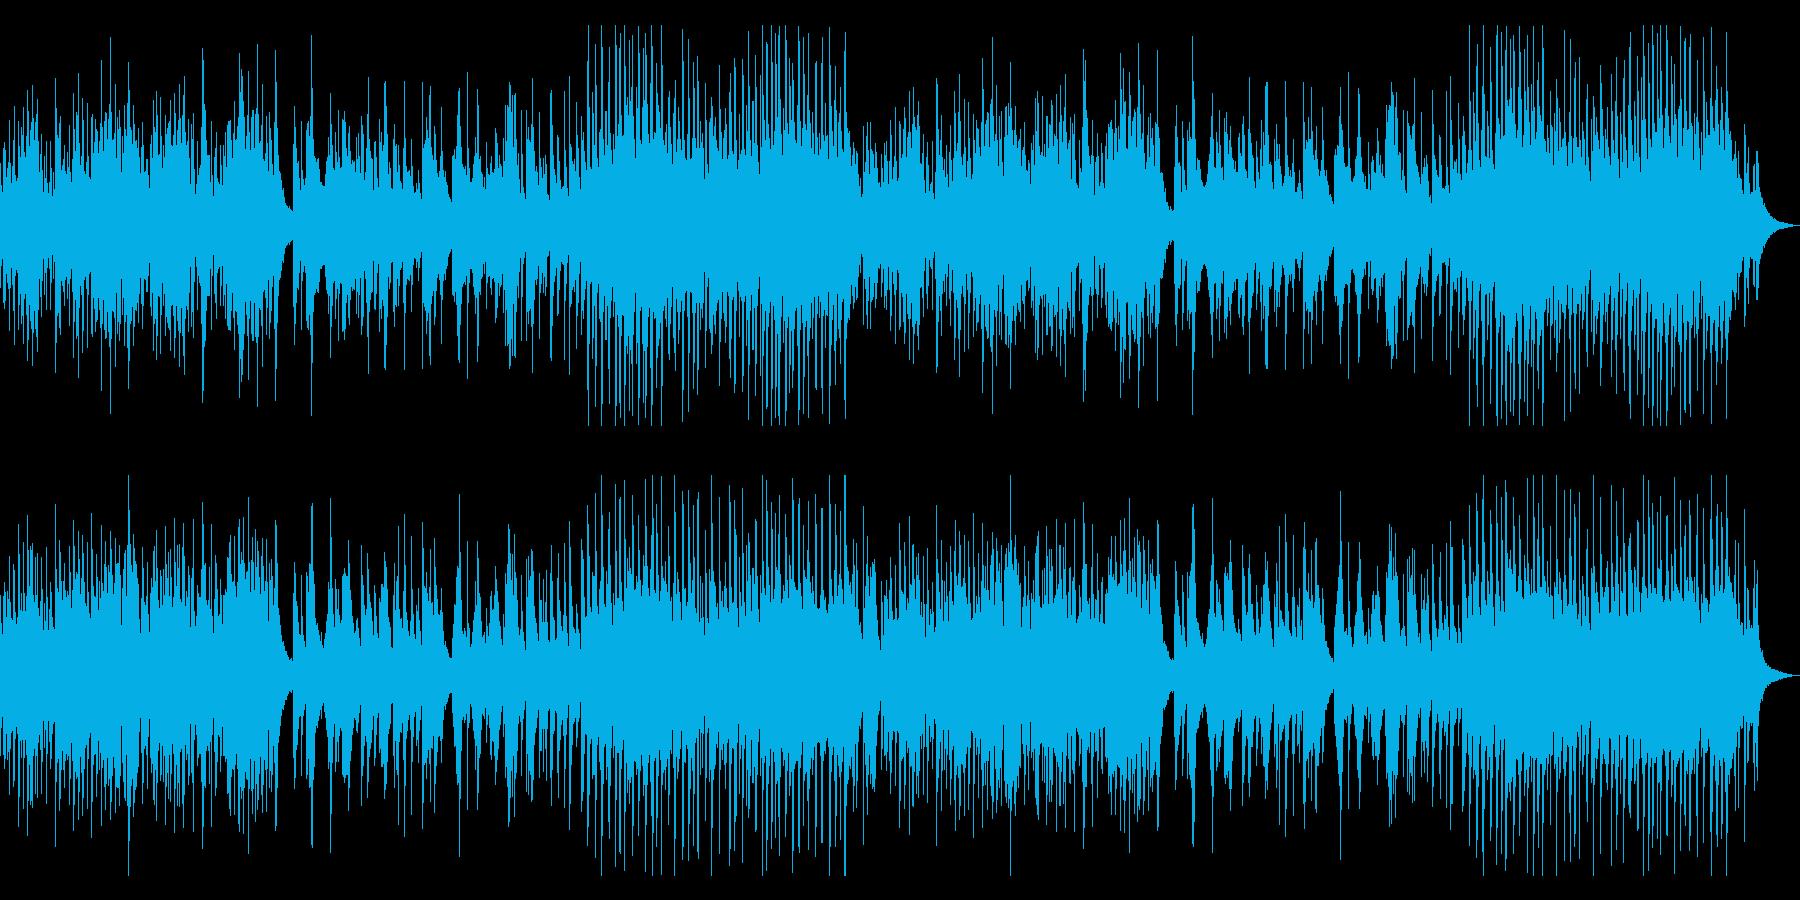 ウクレレとピアノの柔らかい曲の再生済みの波形